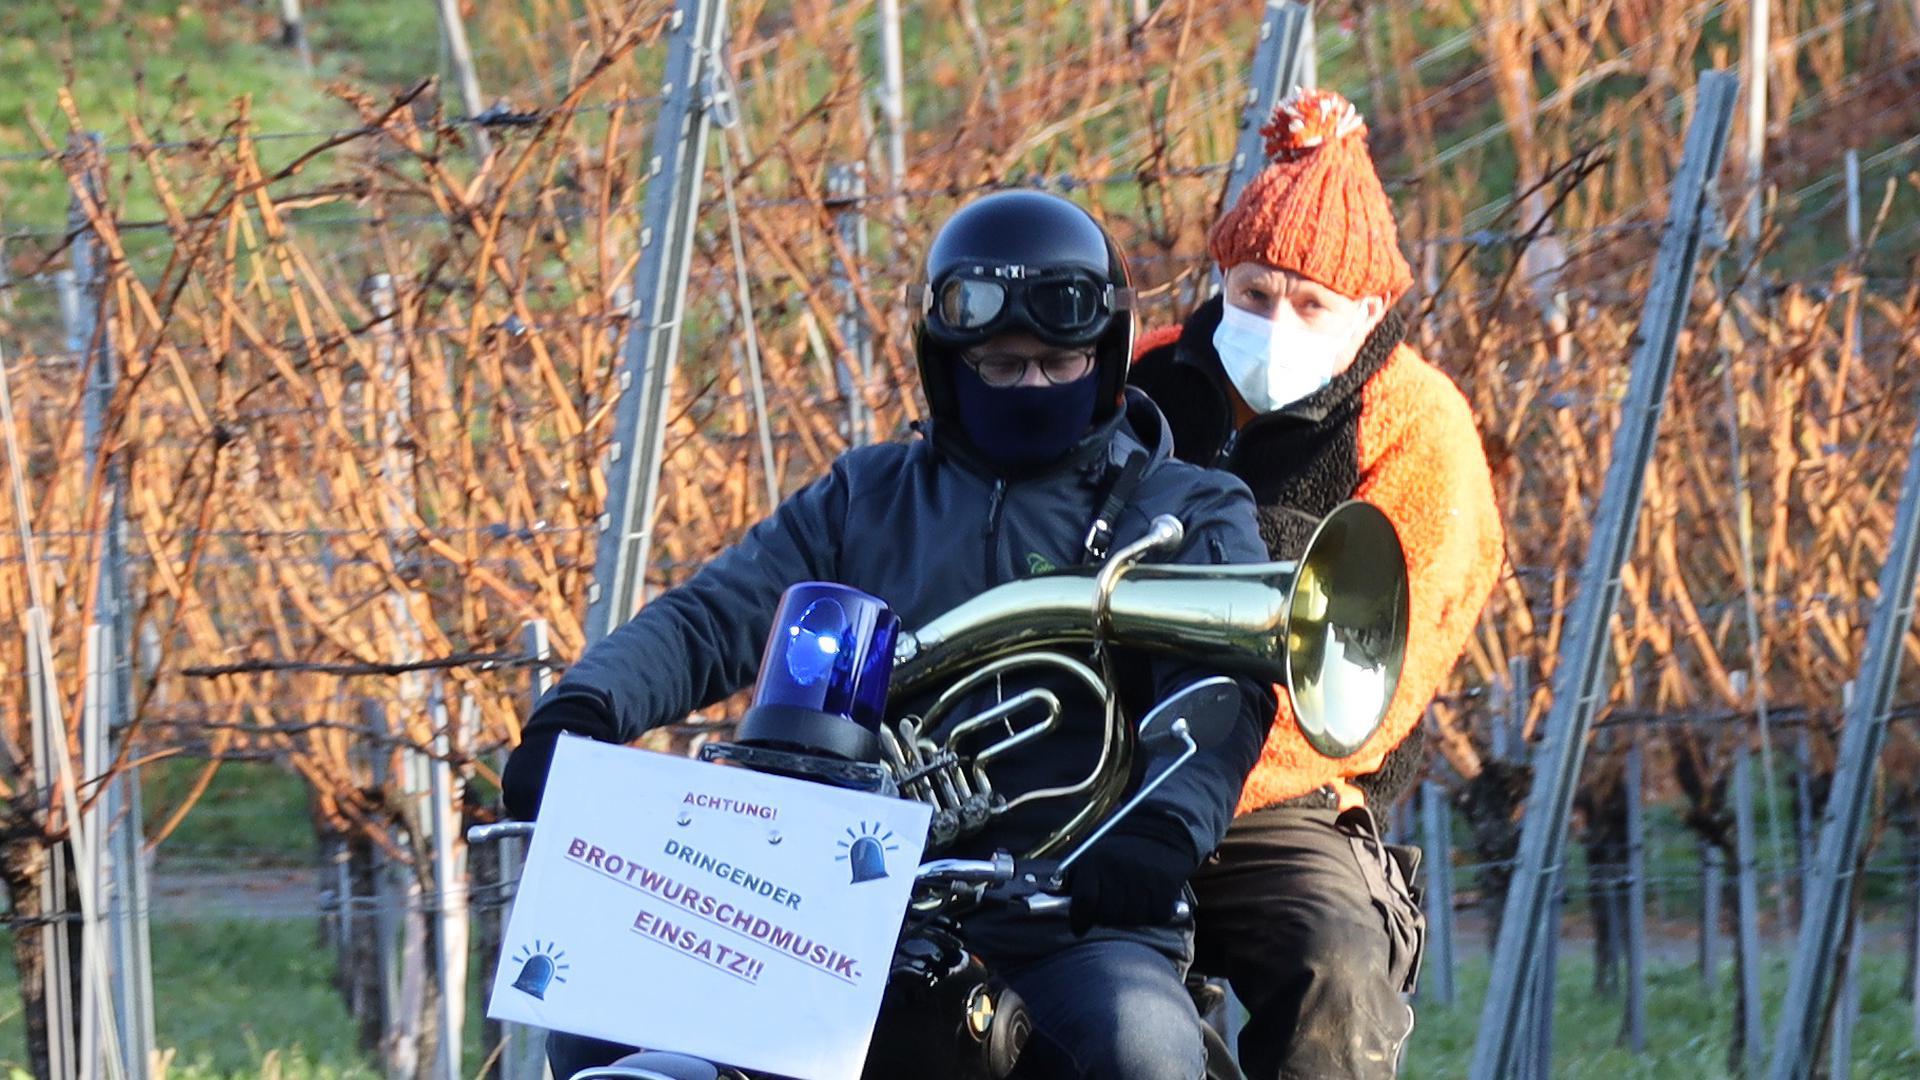 Zwei Männer auf einem Motorrad